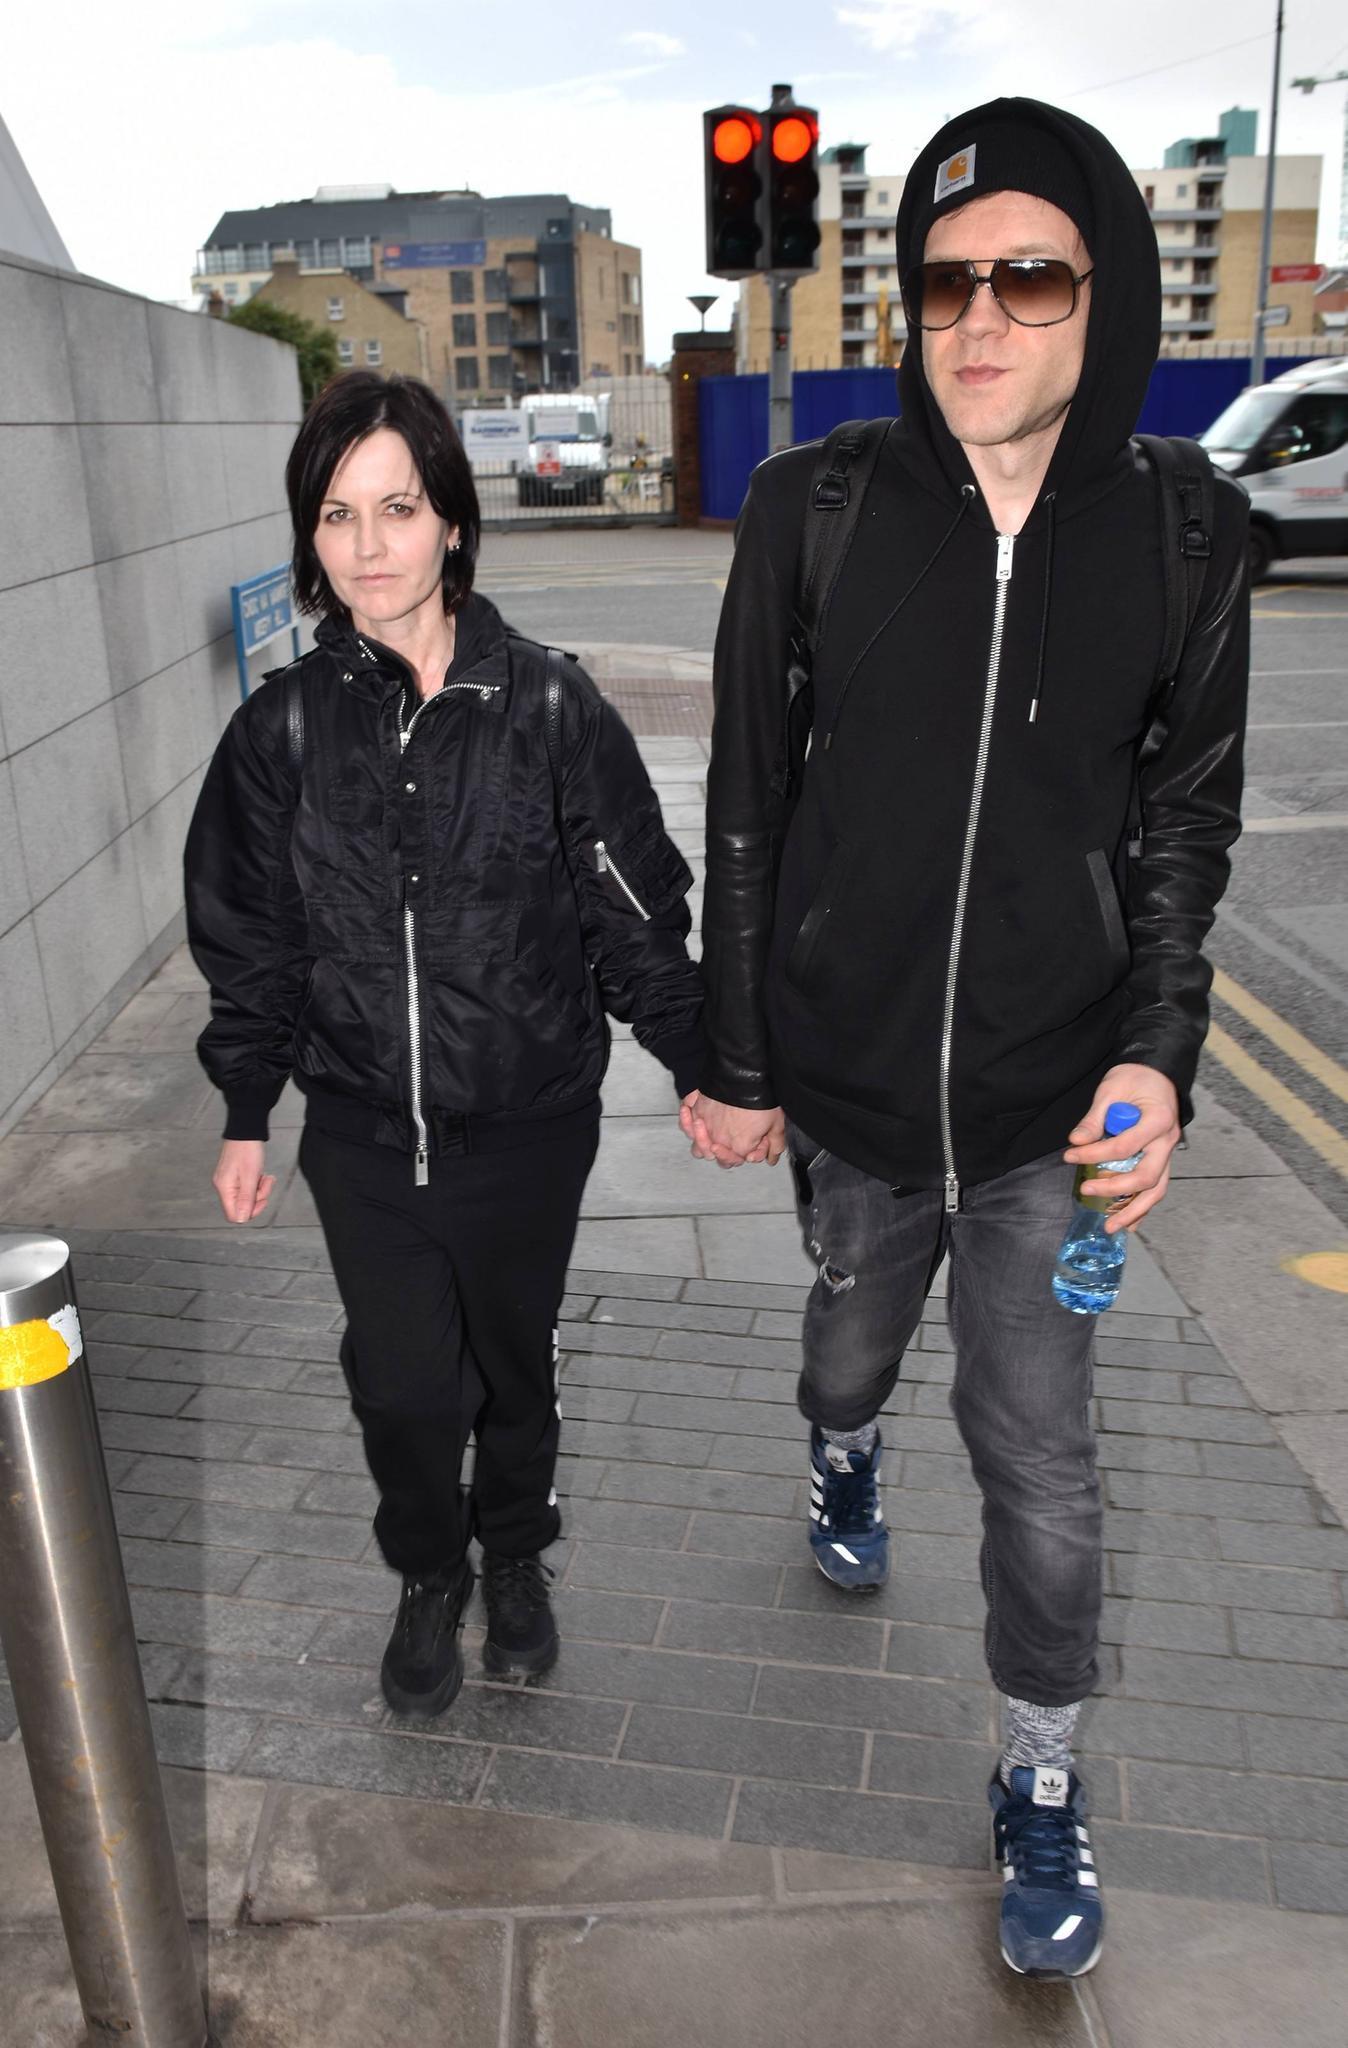 Dolores O'Riordan im Mai 2017 mit ihrem Freund Ole Koretzky auf dem Weg zu einem Auftritt in Dublin, Irland.